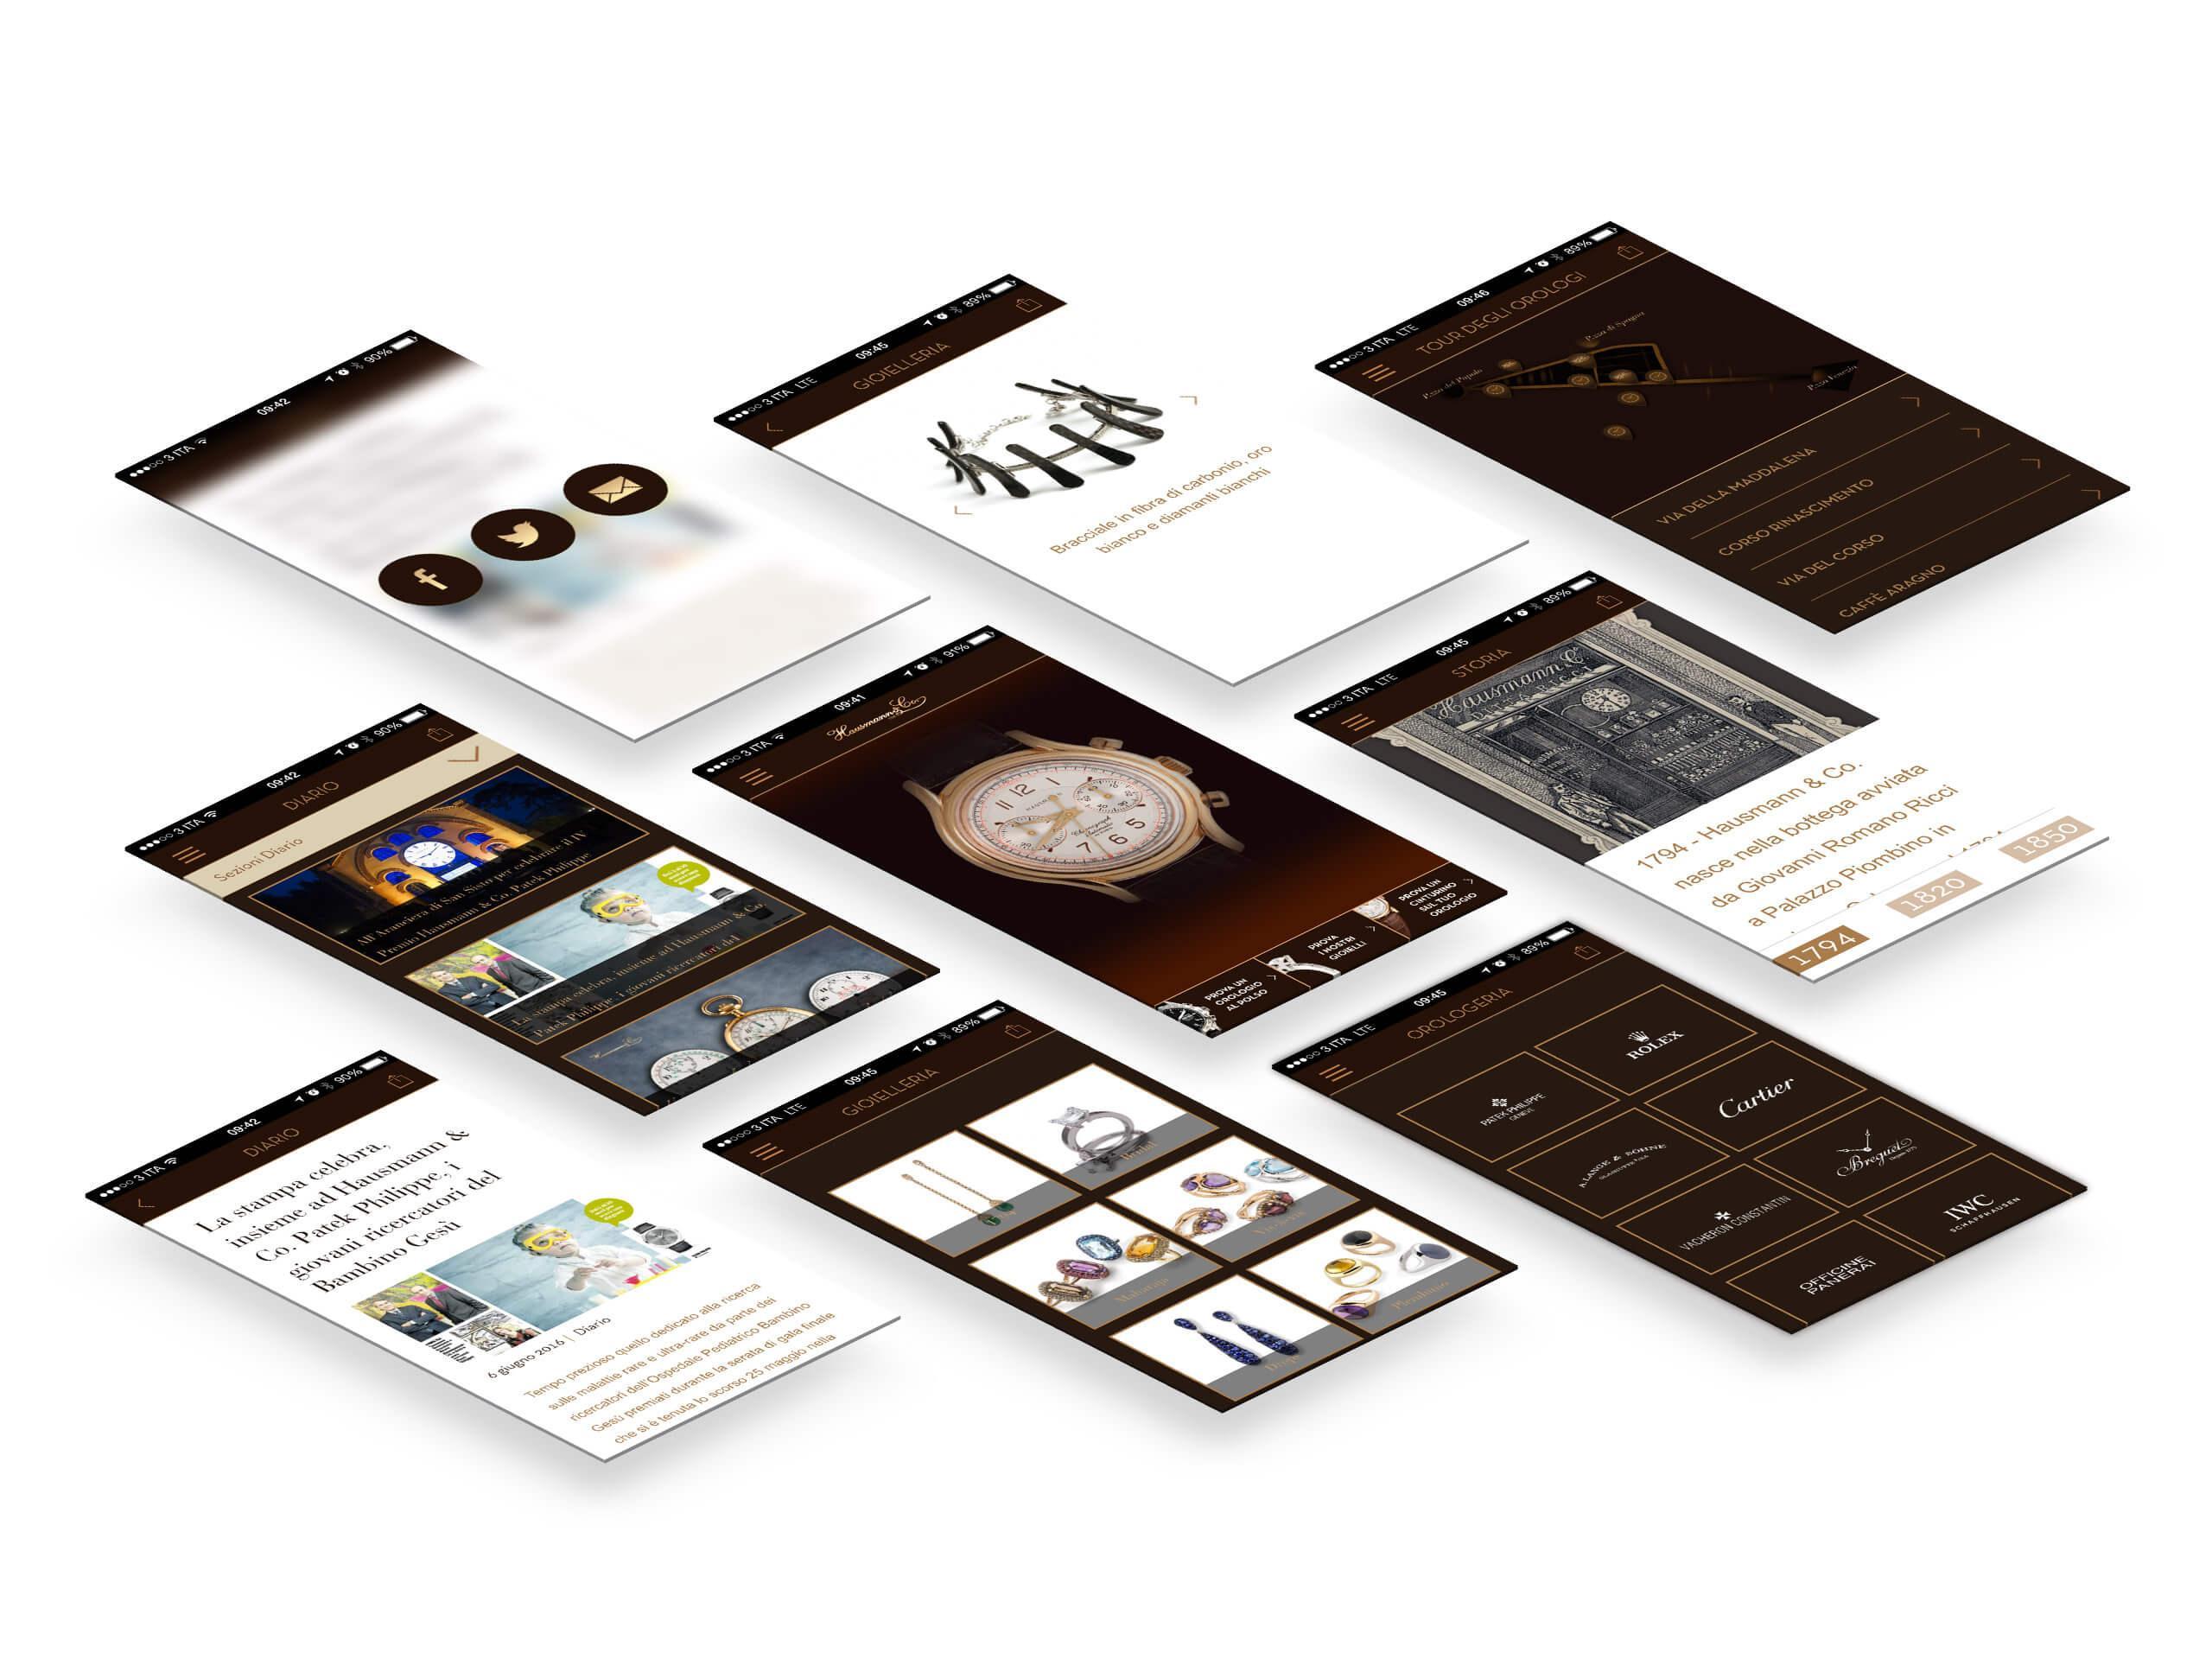 hausmann-app_screenshots